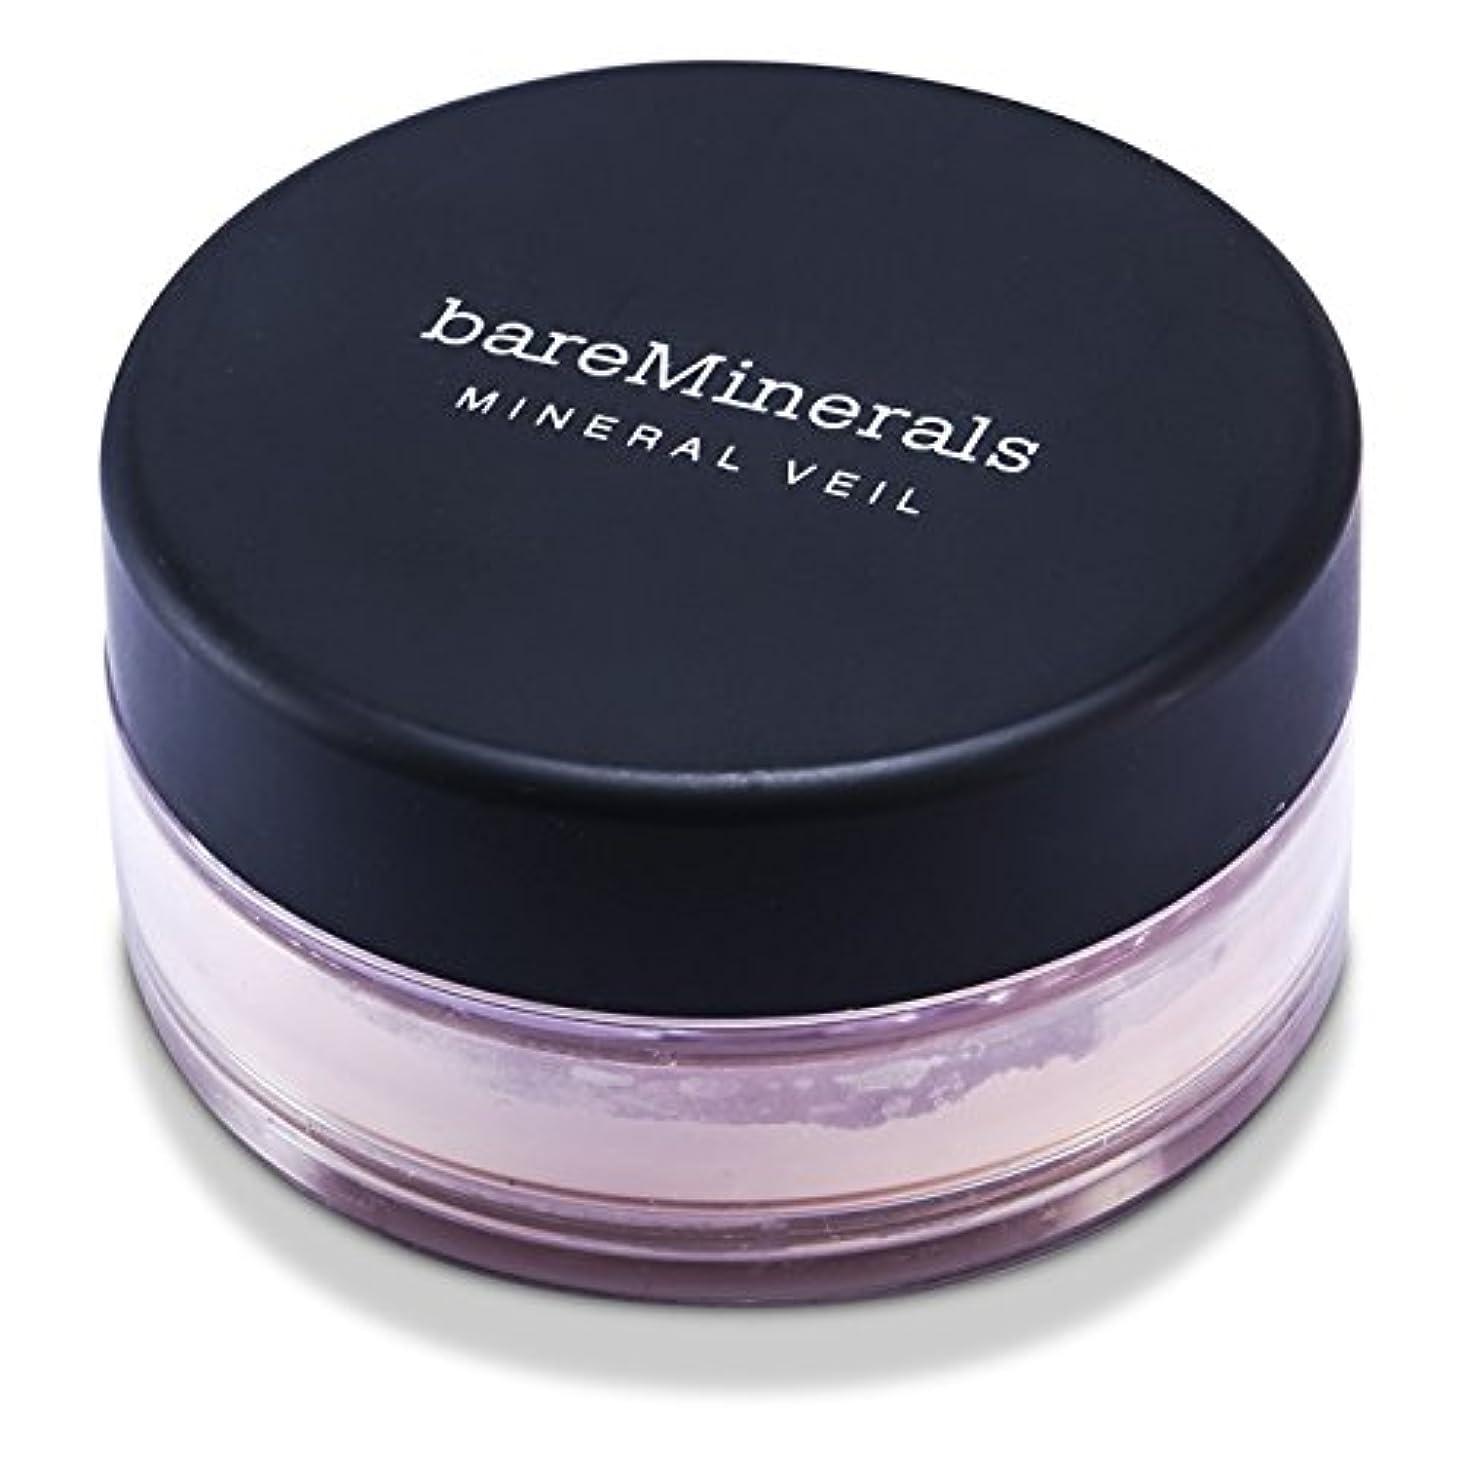 シャープゆりスクラブベアミネラル i.d. ミネラルヴェイル - Mineral Veil 9g/0.3oz並行輸入品